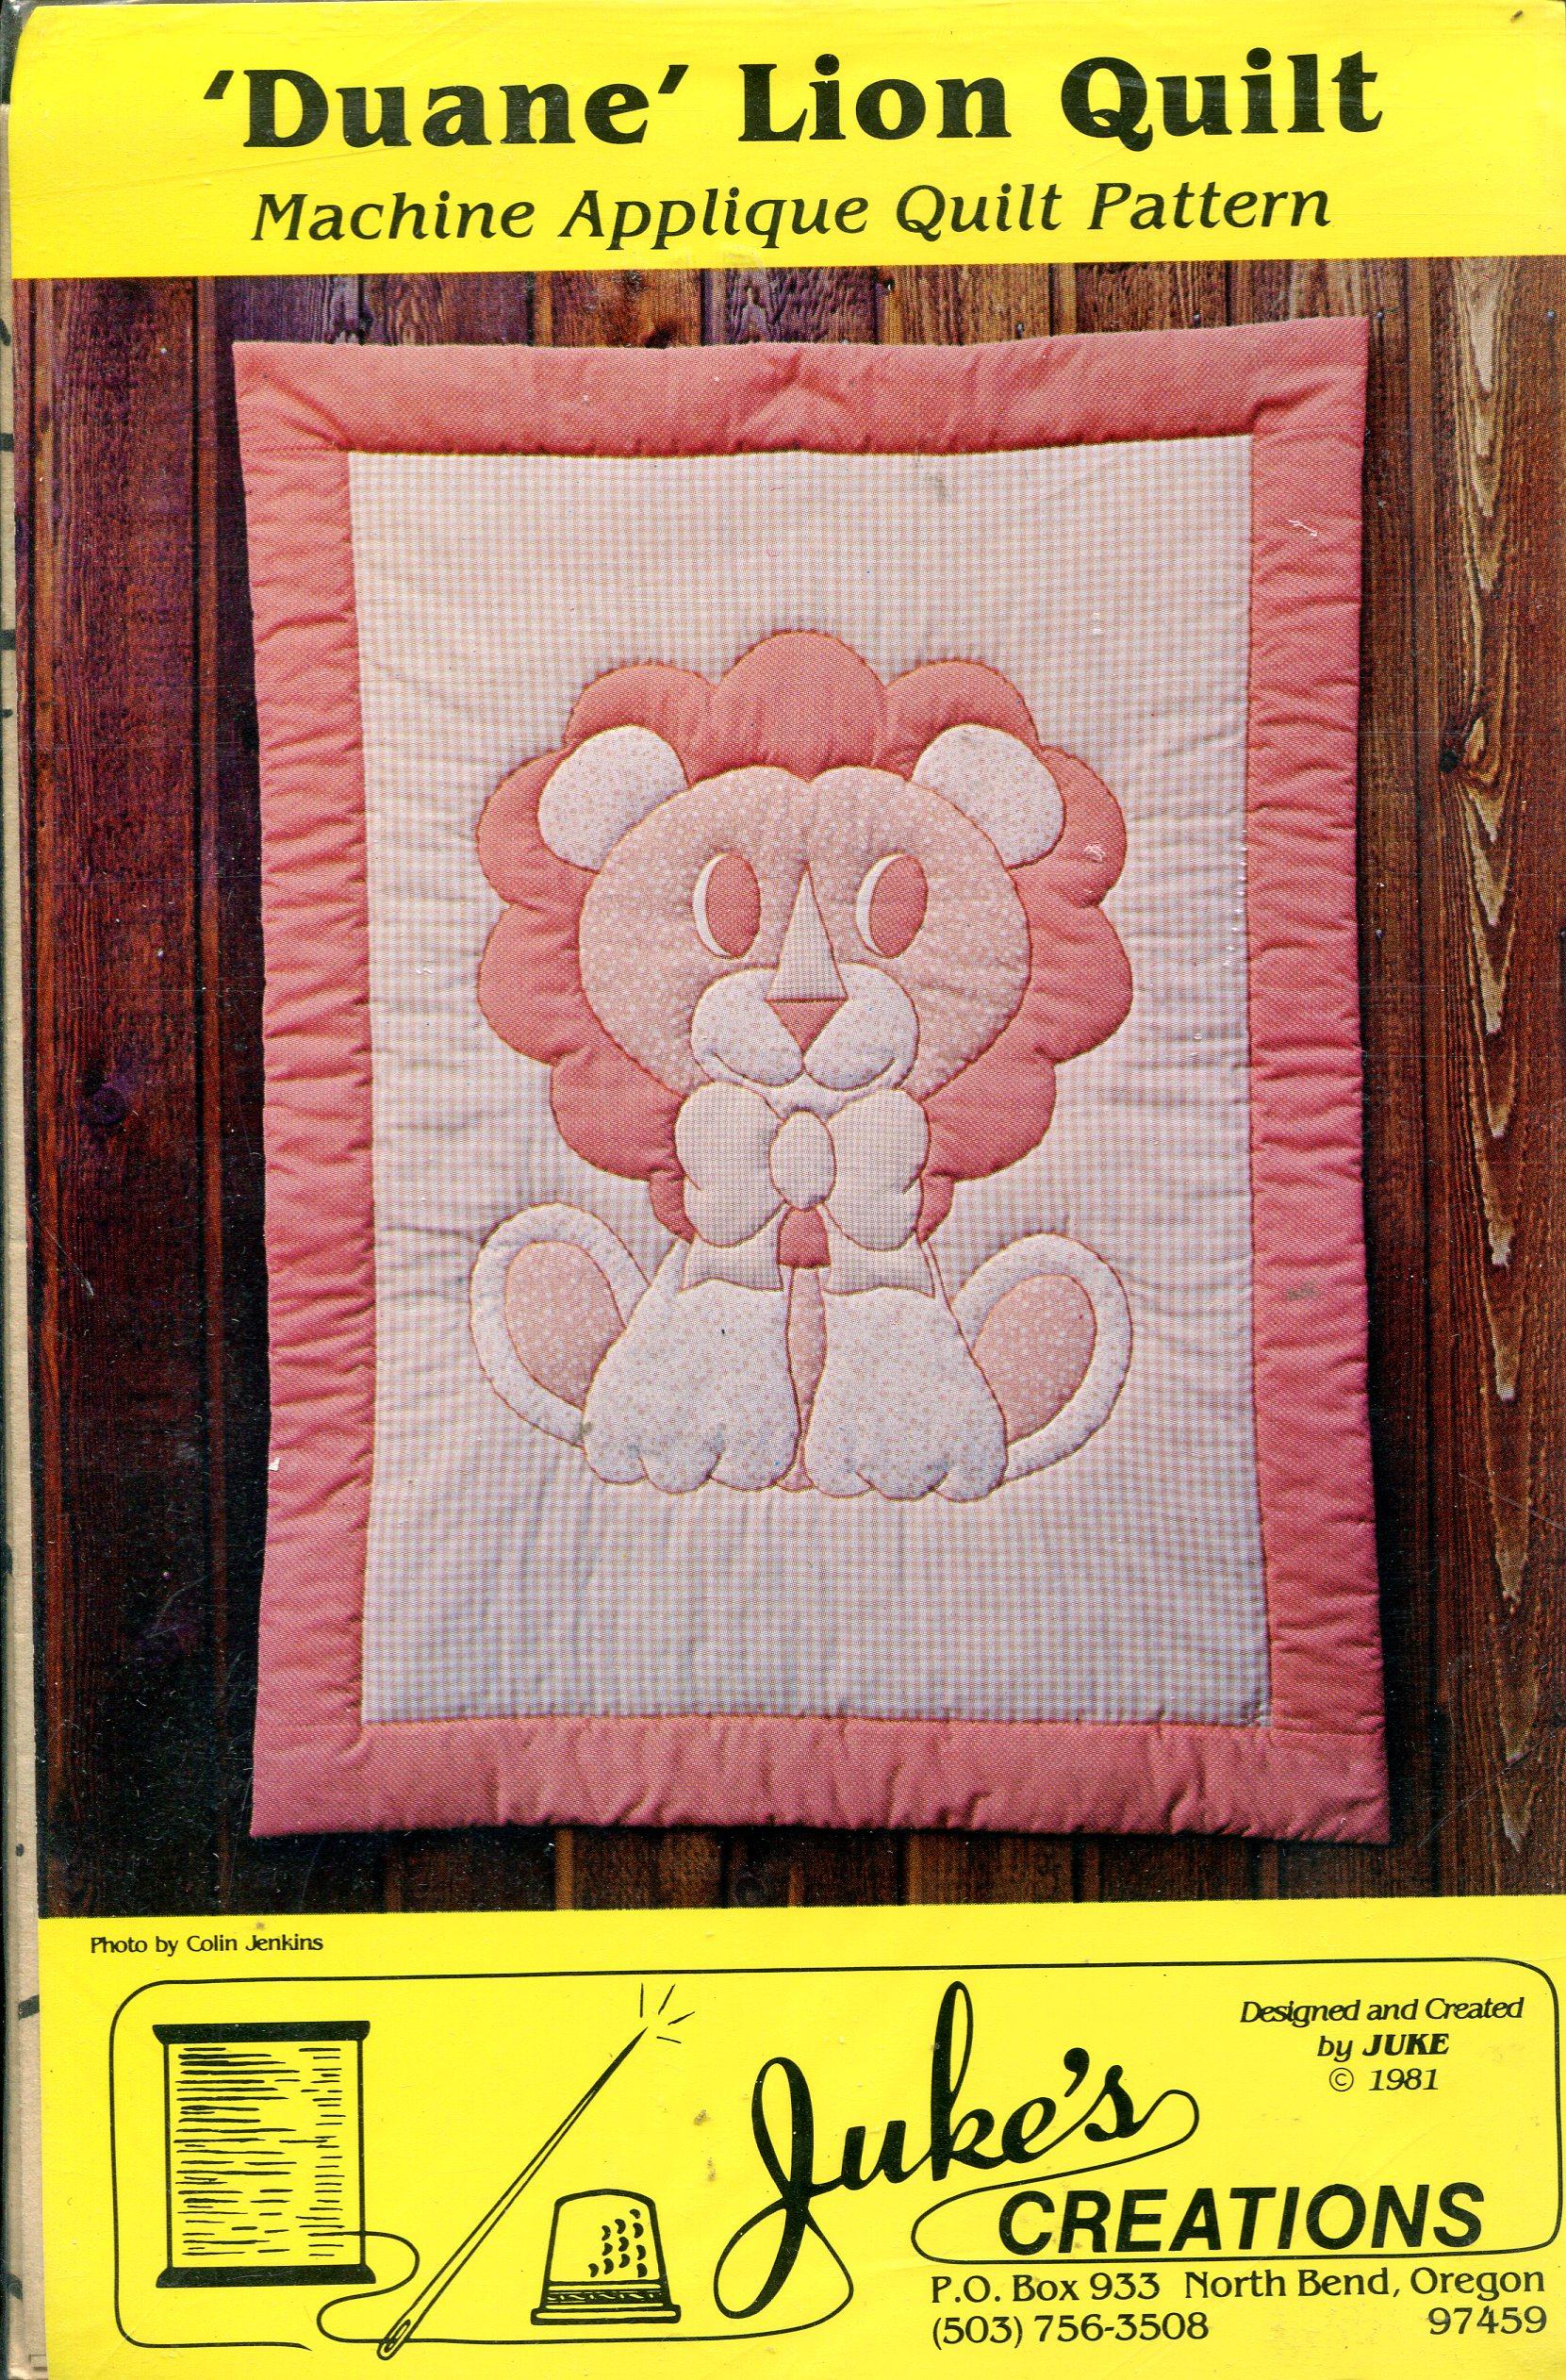 Juke's Creations Duane Lion Quilt